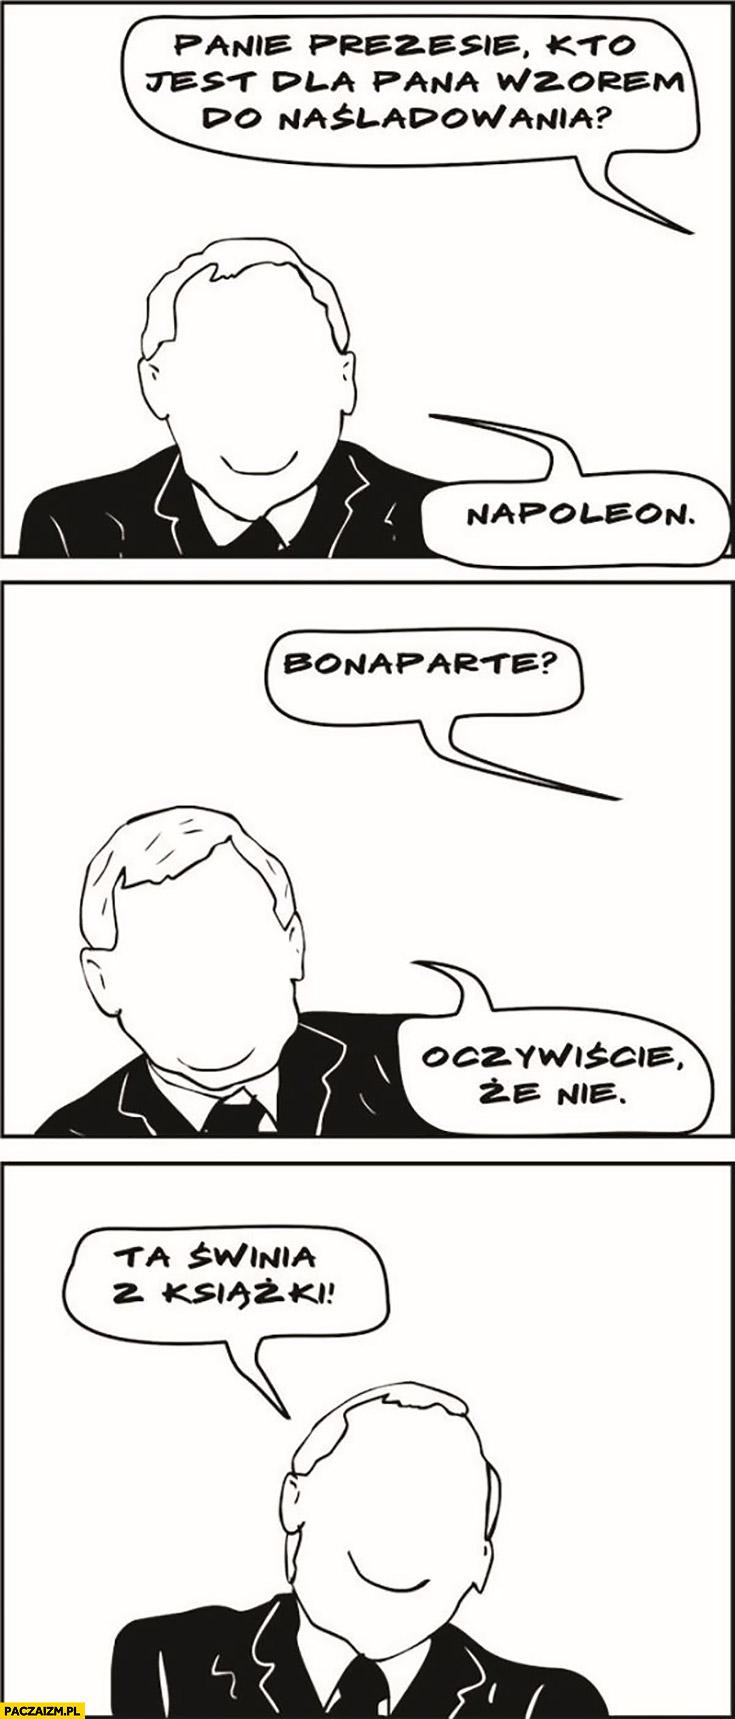 Kaczyński panie prezesie kto jest dla pana wzorem do naśladowania? Napoleon. Bonaparte? Oczywiście, że nie, ta świnia z książki